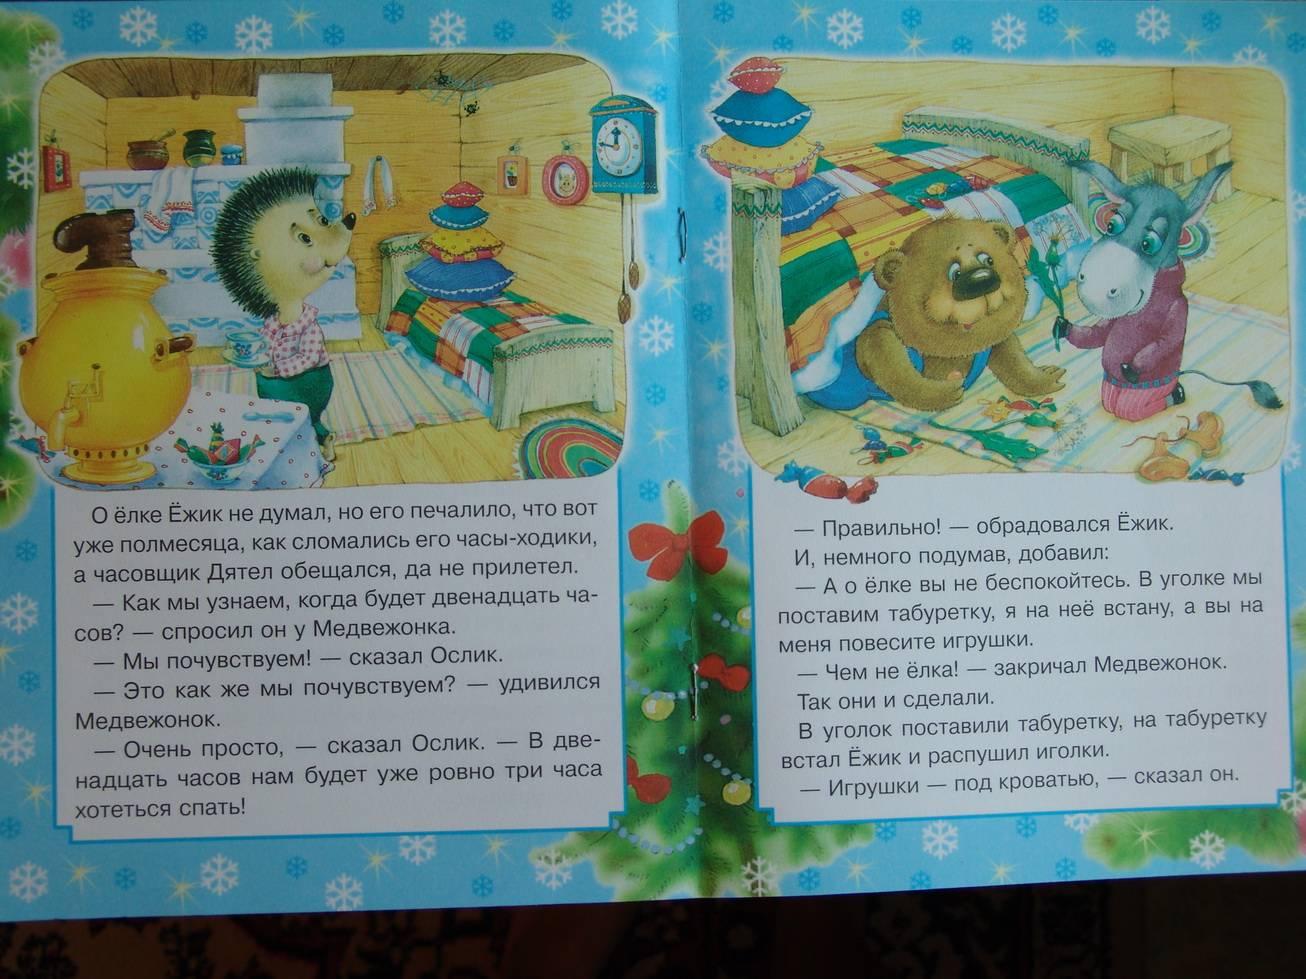 Иллюстрация 1 из 8 для Как Ежик, Медвежонок и Ослик встречали Новый год - Сергей Козлов | Лабиринт - книги. Источник: Лаванда